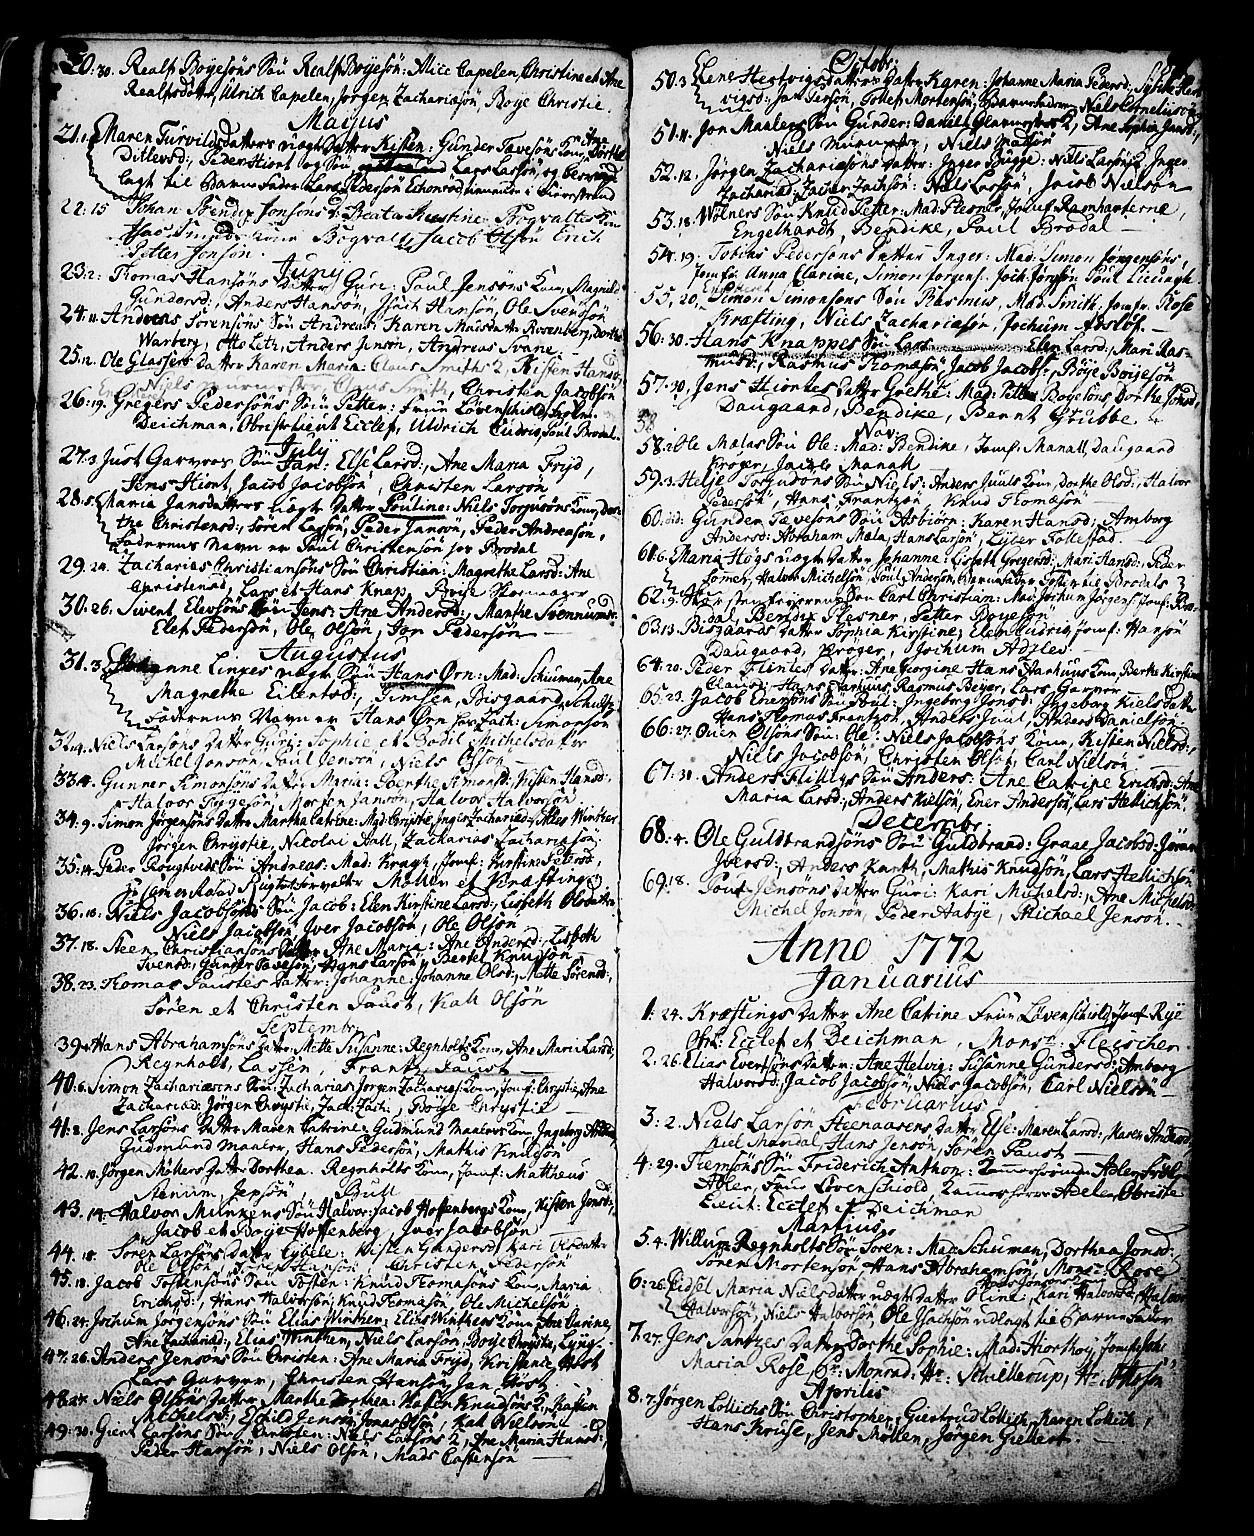 SAKO, Skien kirkebøker, G/Ga/L0001: Klokkerbok nr. 1, 1756-1791, s. 89